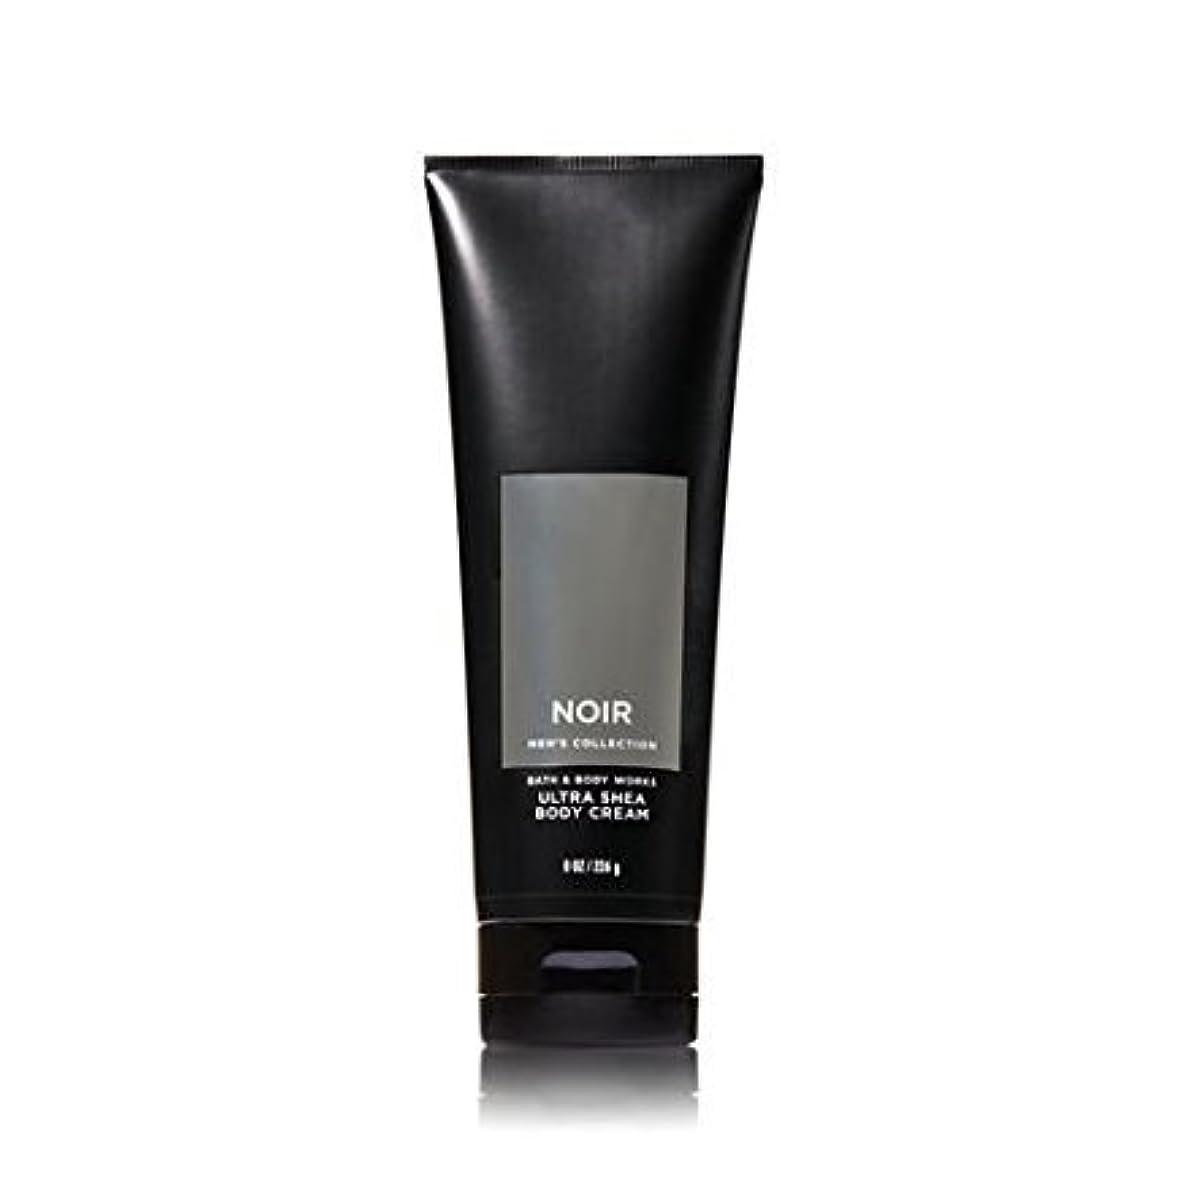 一月癒す別れる【並行輸入品】Bath and Body Works Noir for Men Ultra Shea Body Cream 226 g